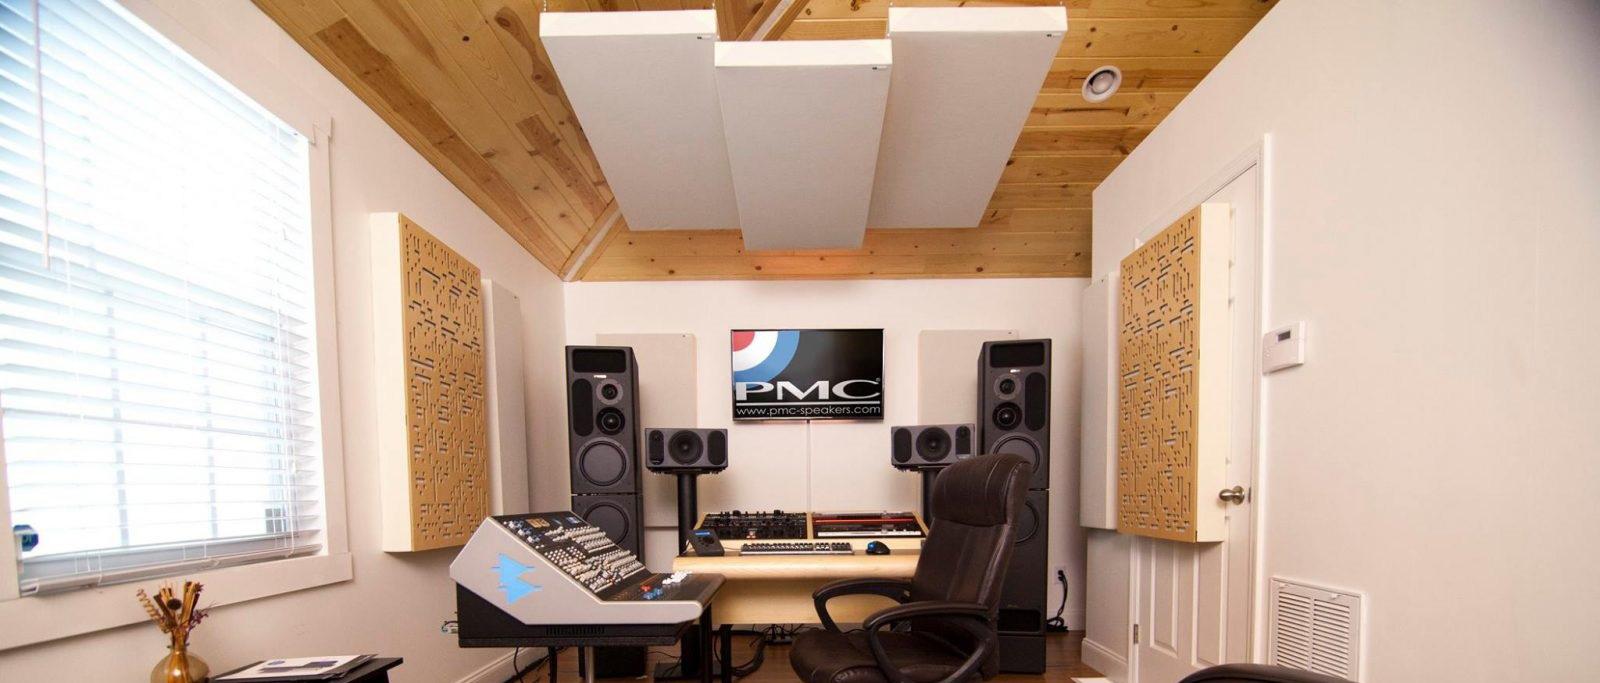 آکوستیکتریتمنت برای استودیو خانگی